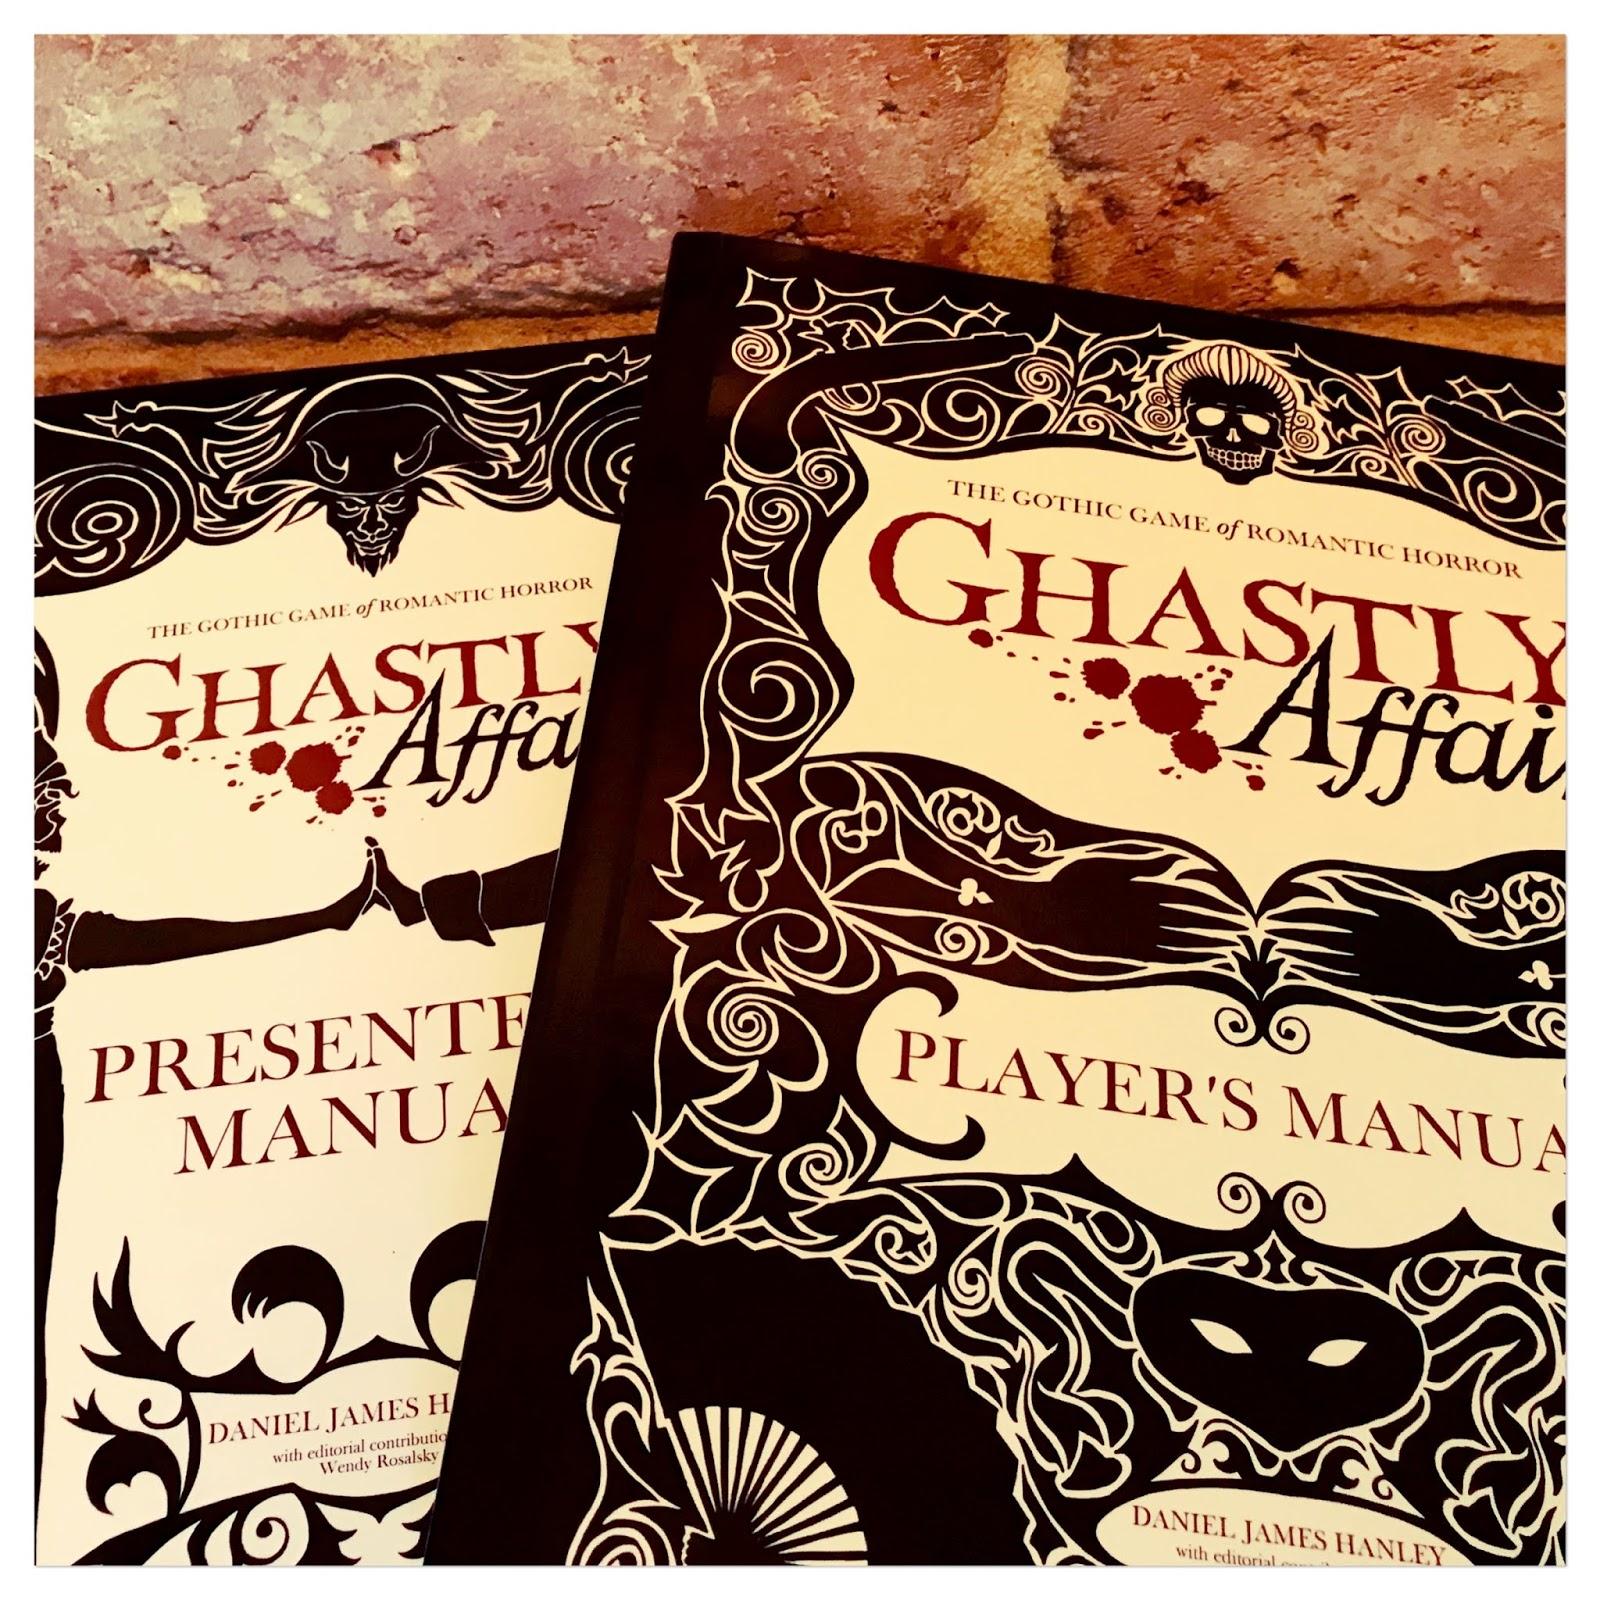 ghastly affair